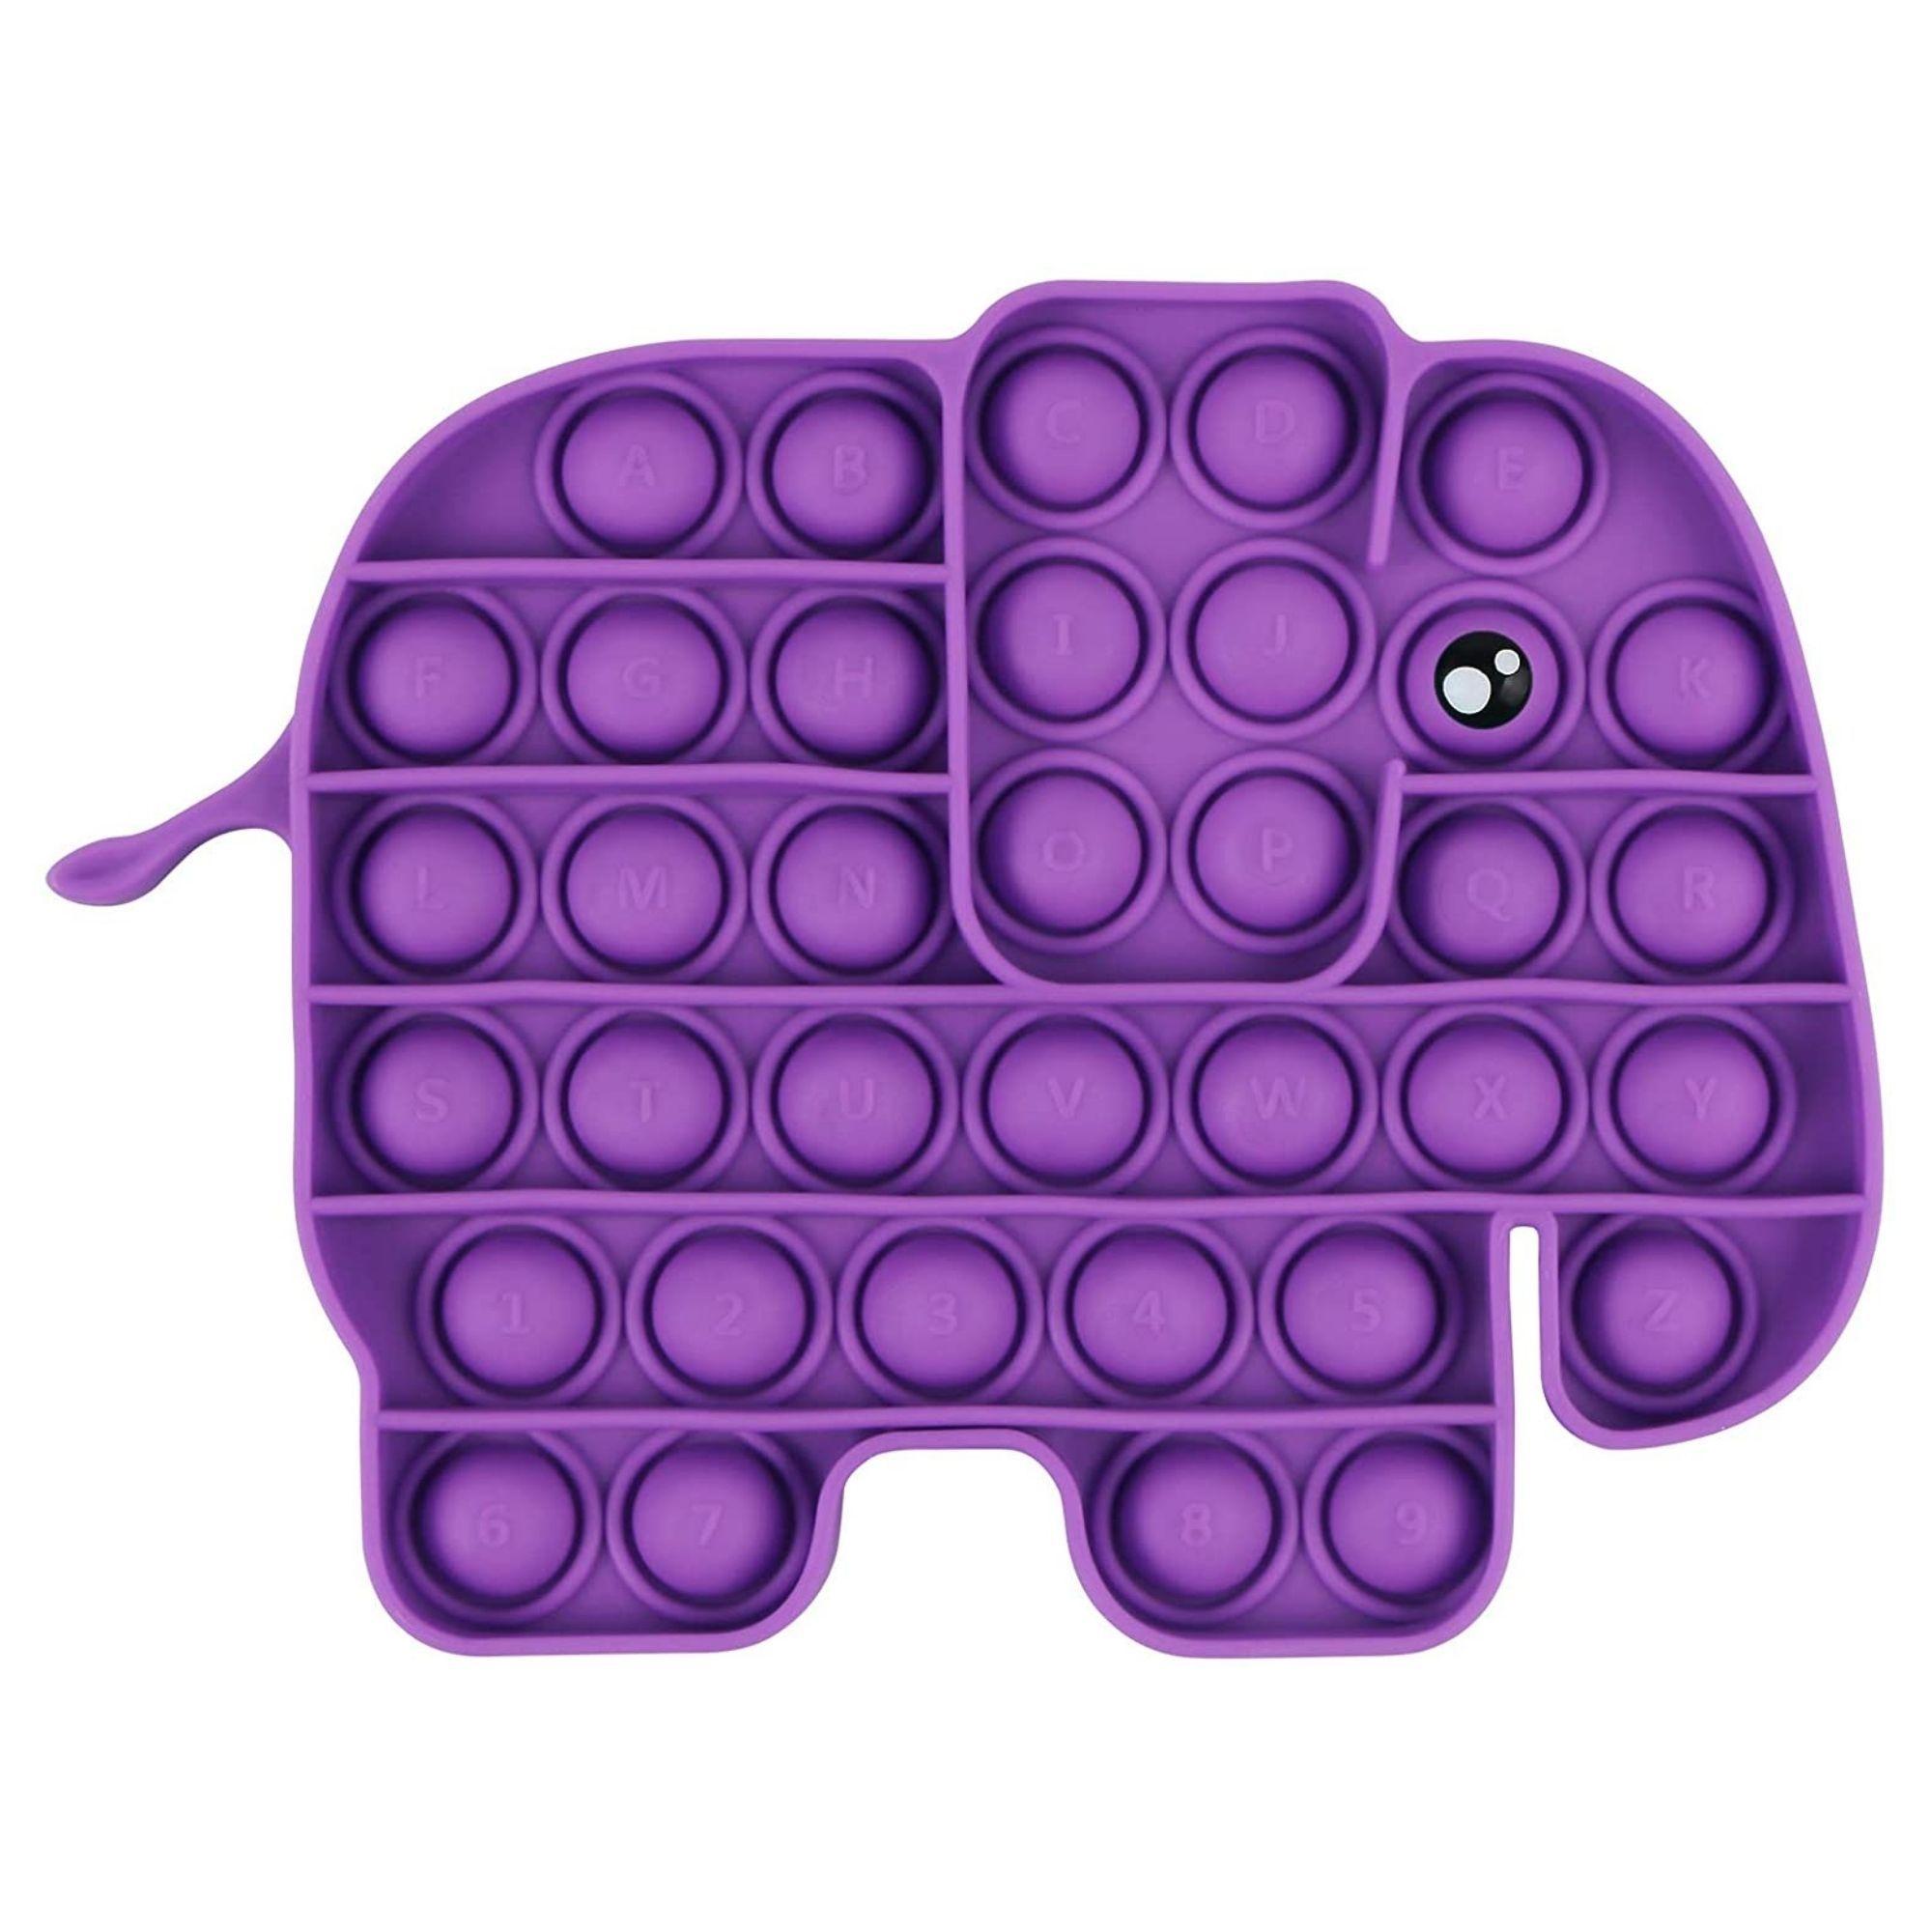 Streamline Poptastic Silicone Fidget Popper Toy - Elephant